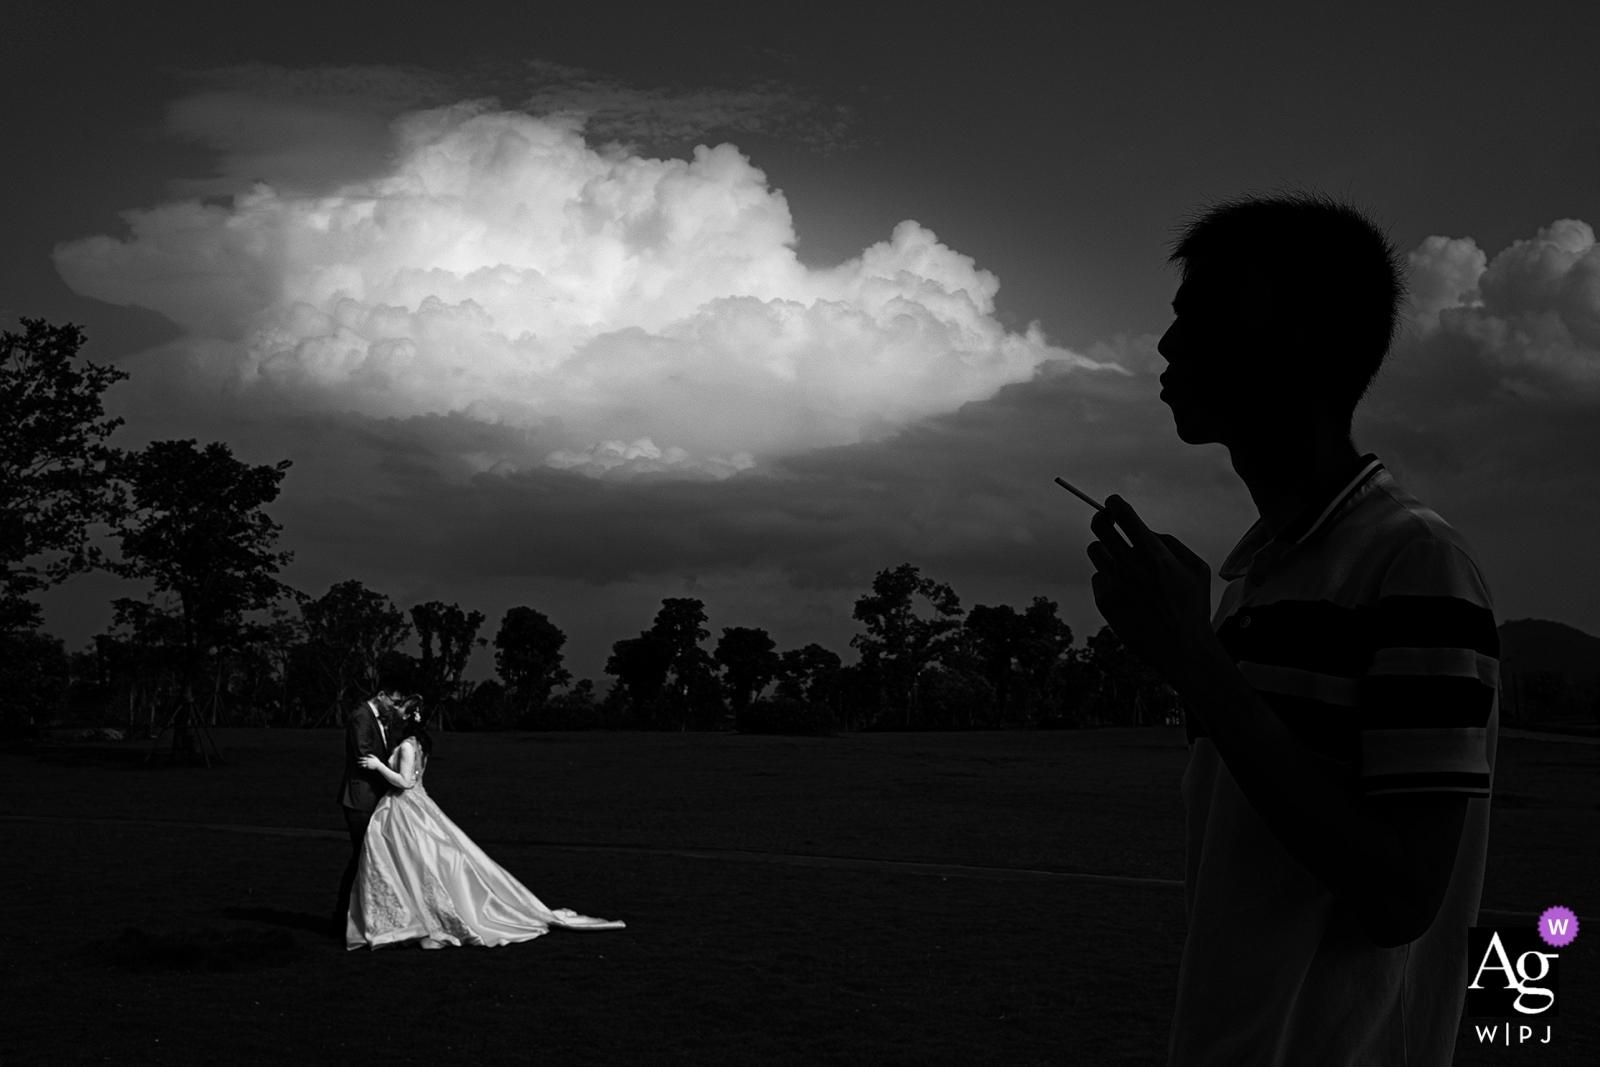 Fotograf ślubny Nanping wykonał ten czarno-biały portret ślubny, podczas gdy gość weselny stoi na pierwszym planie